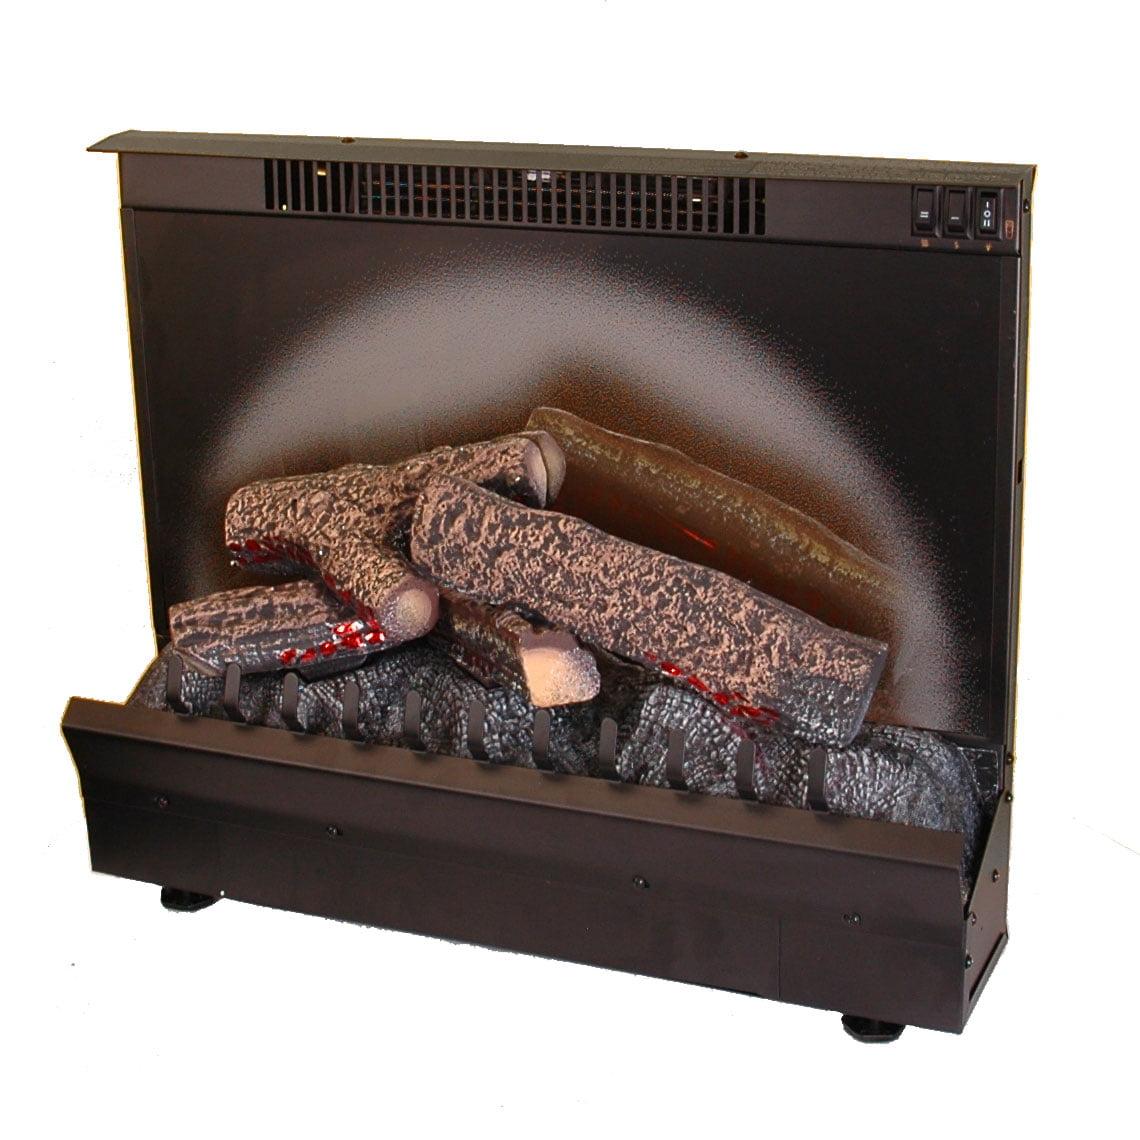 Dimplex North America DFI23096A Electric Fireplace Insert, 23-In. Firebox, 1375-Watts, 4695-BTU.